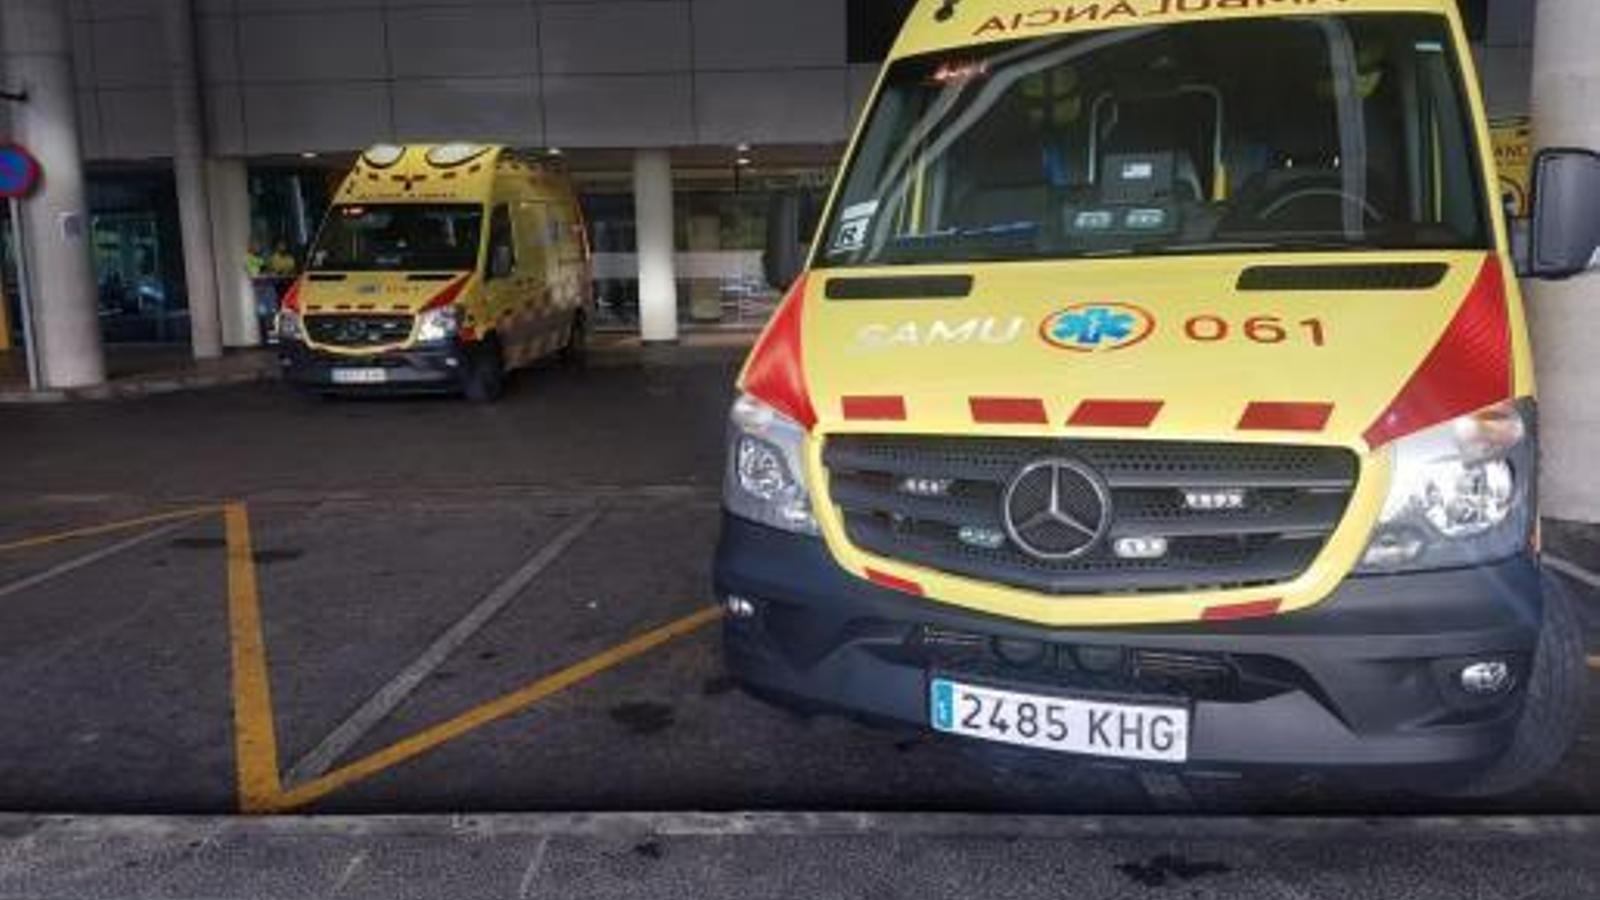 Dues persones han resultat ferides per un incendi a Palma